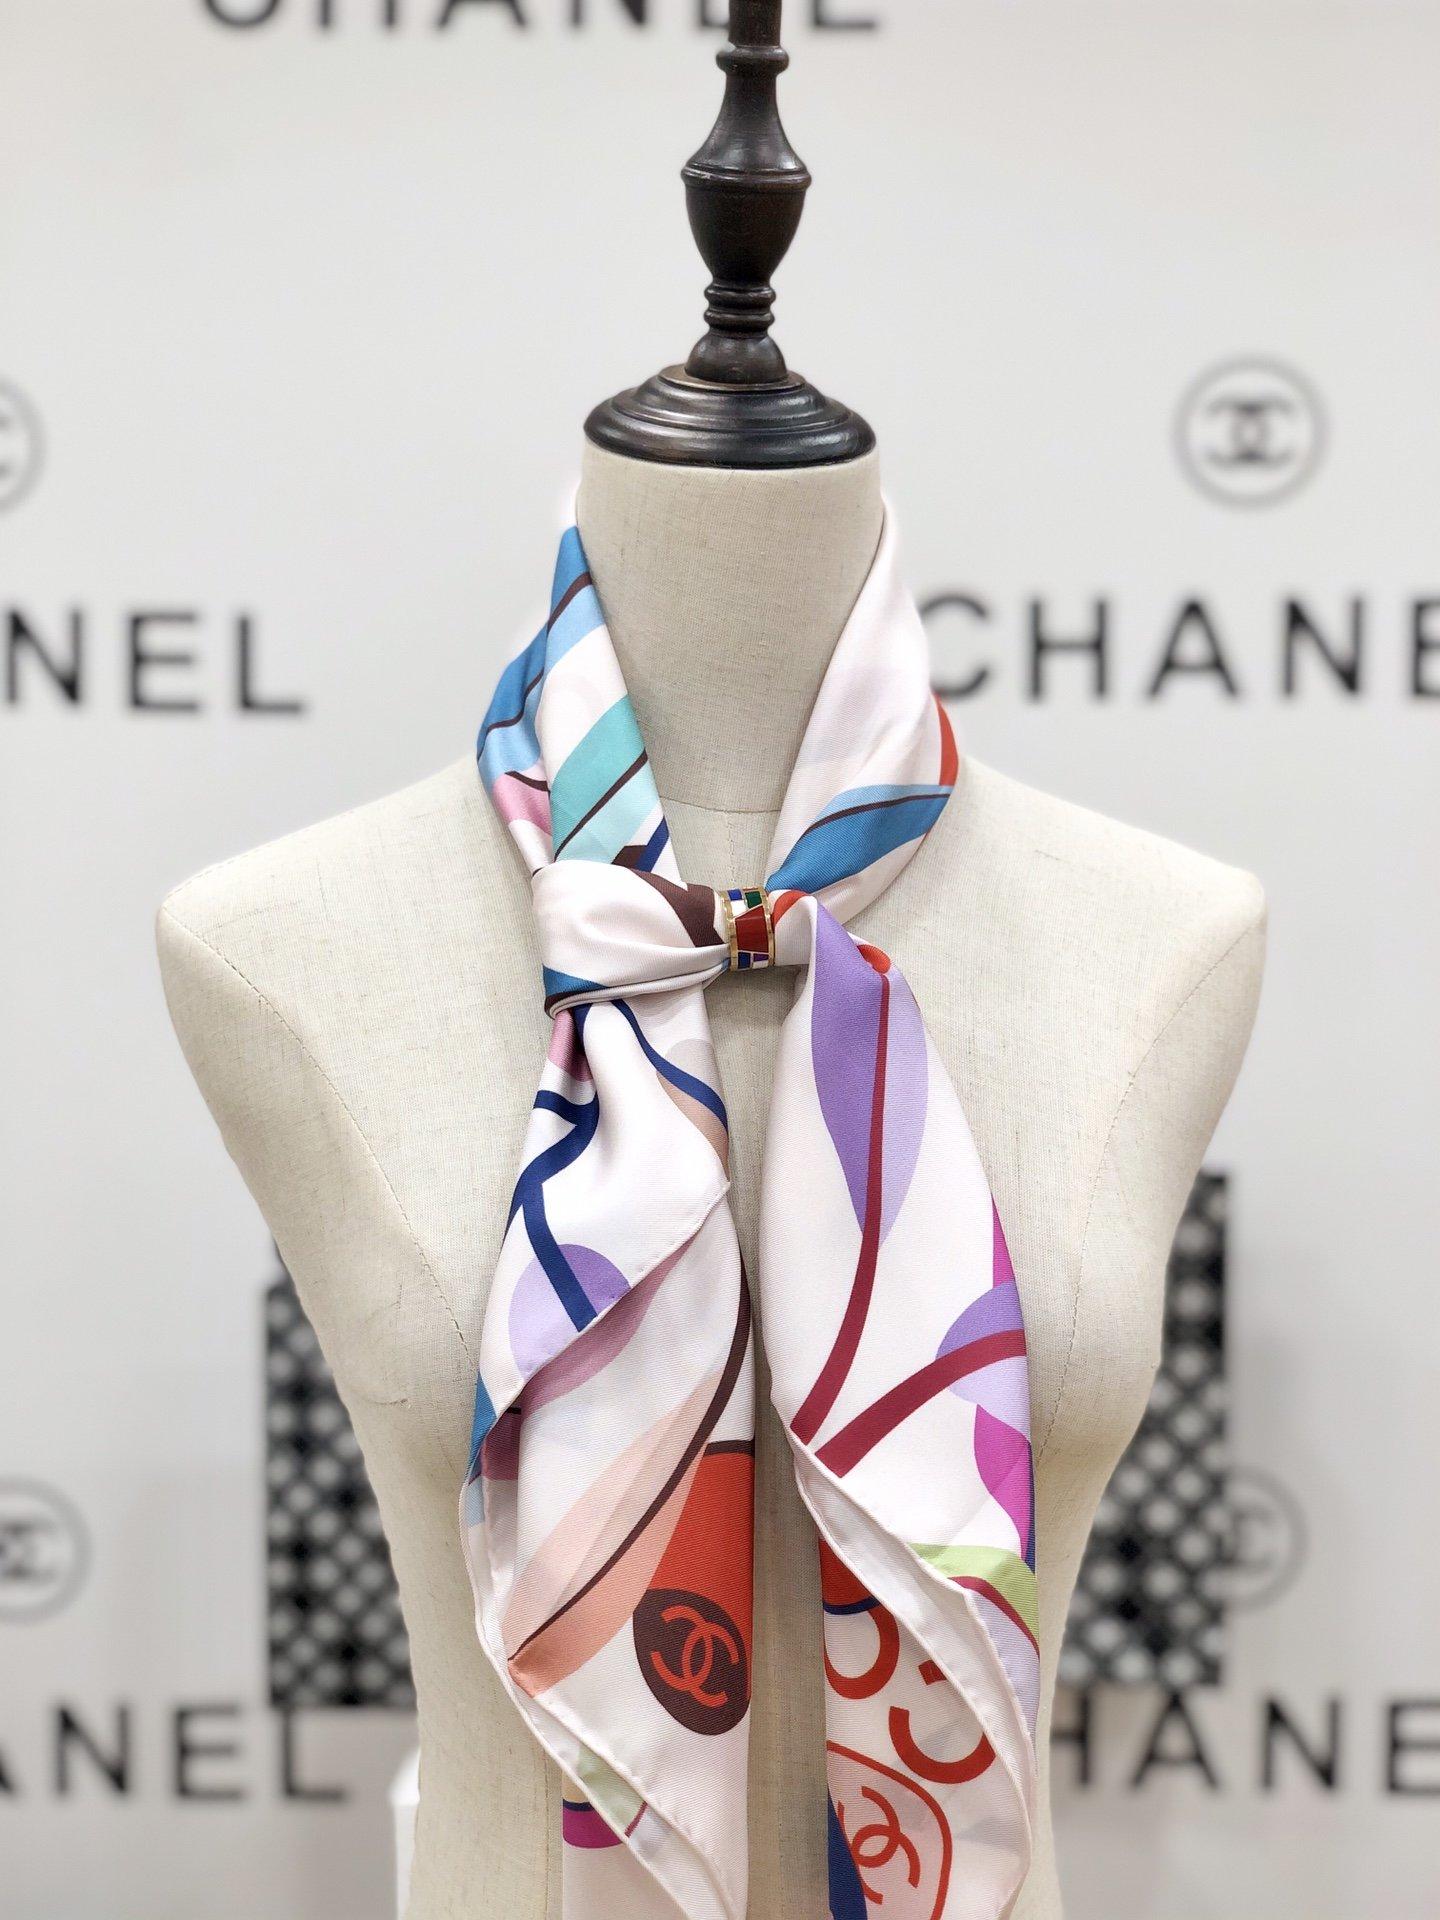 chanel小香顶级斜纹真丝方巾(图2)